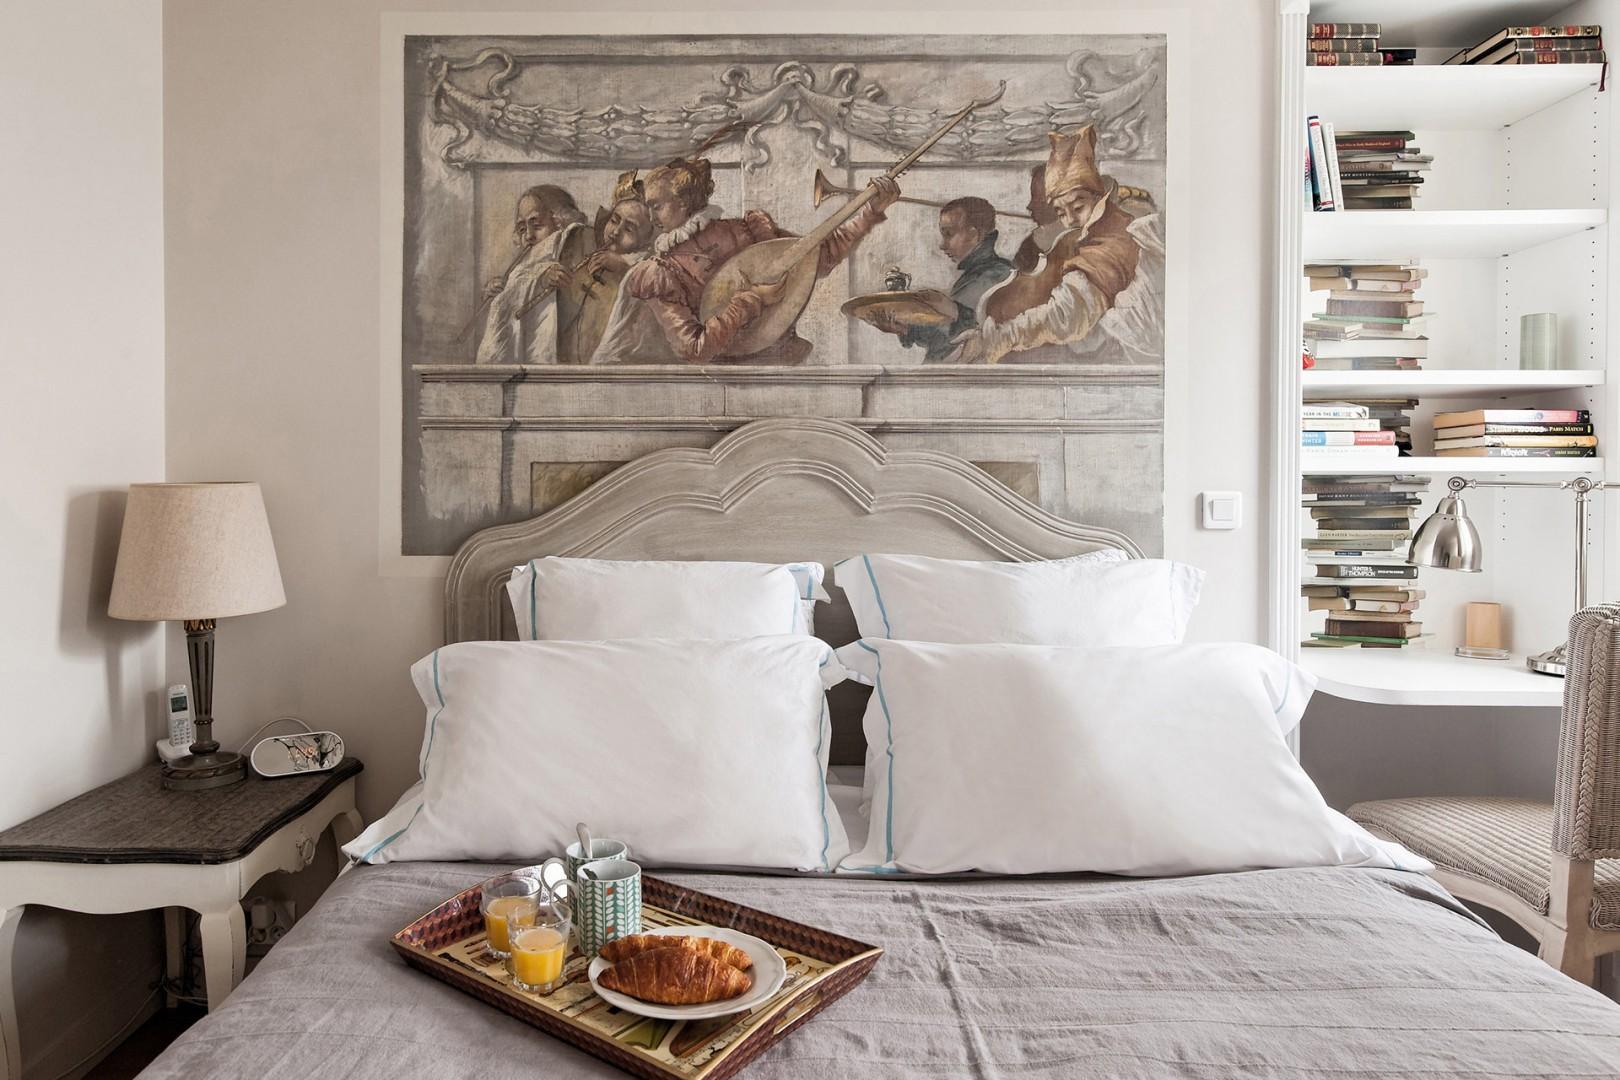 Enjoy breakfast in bed!